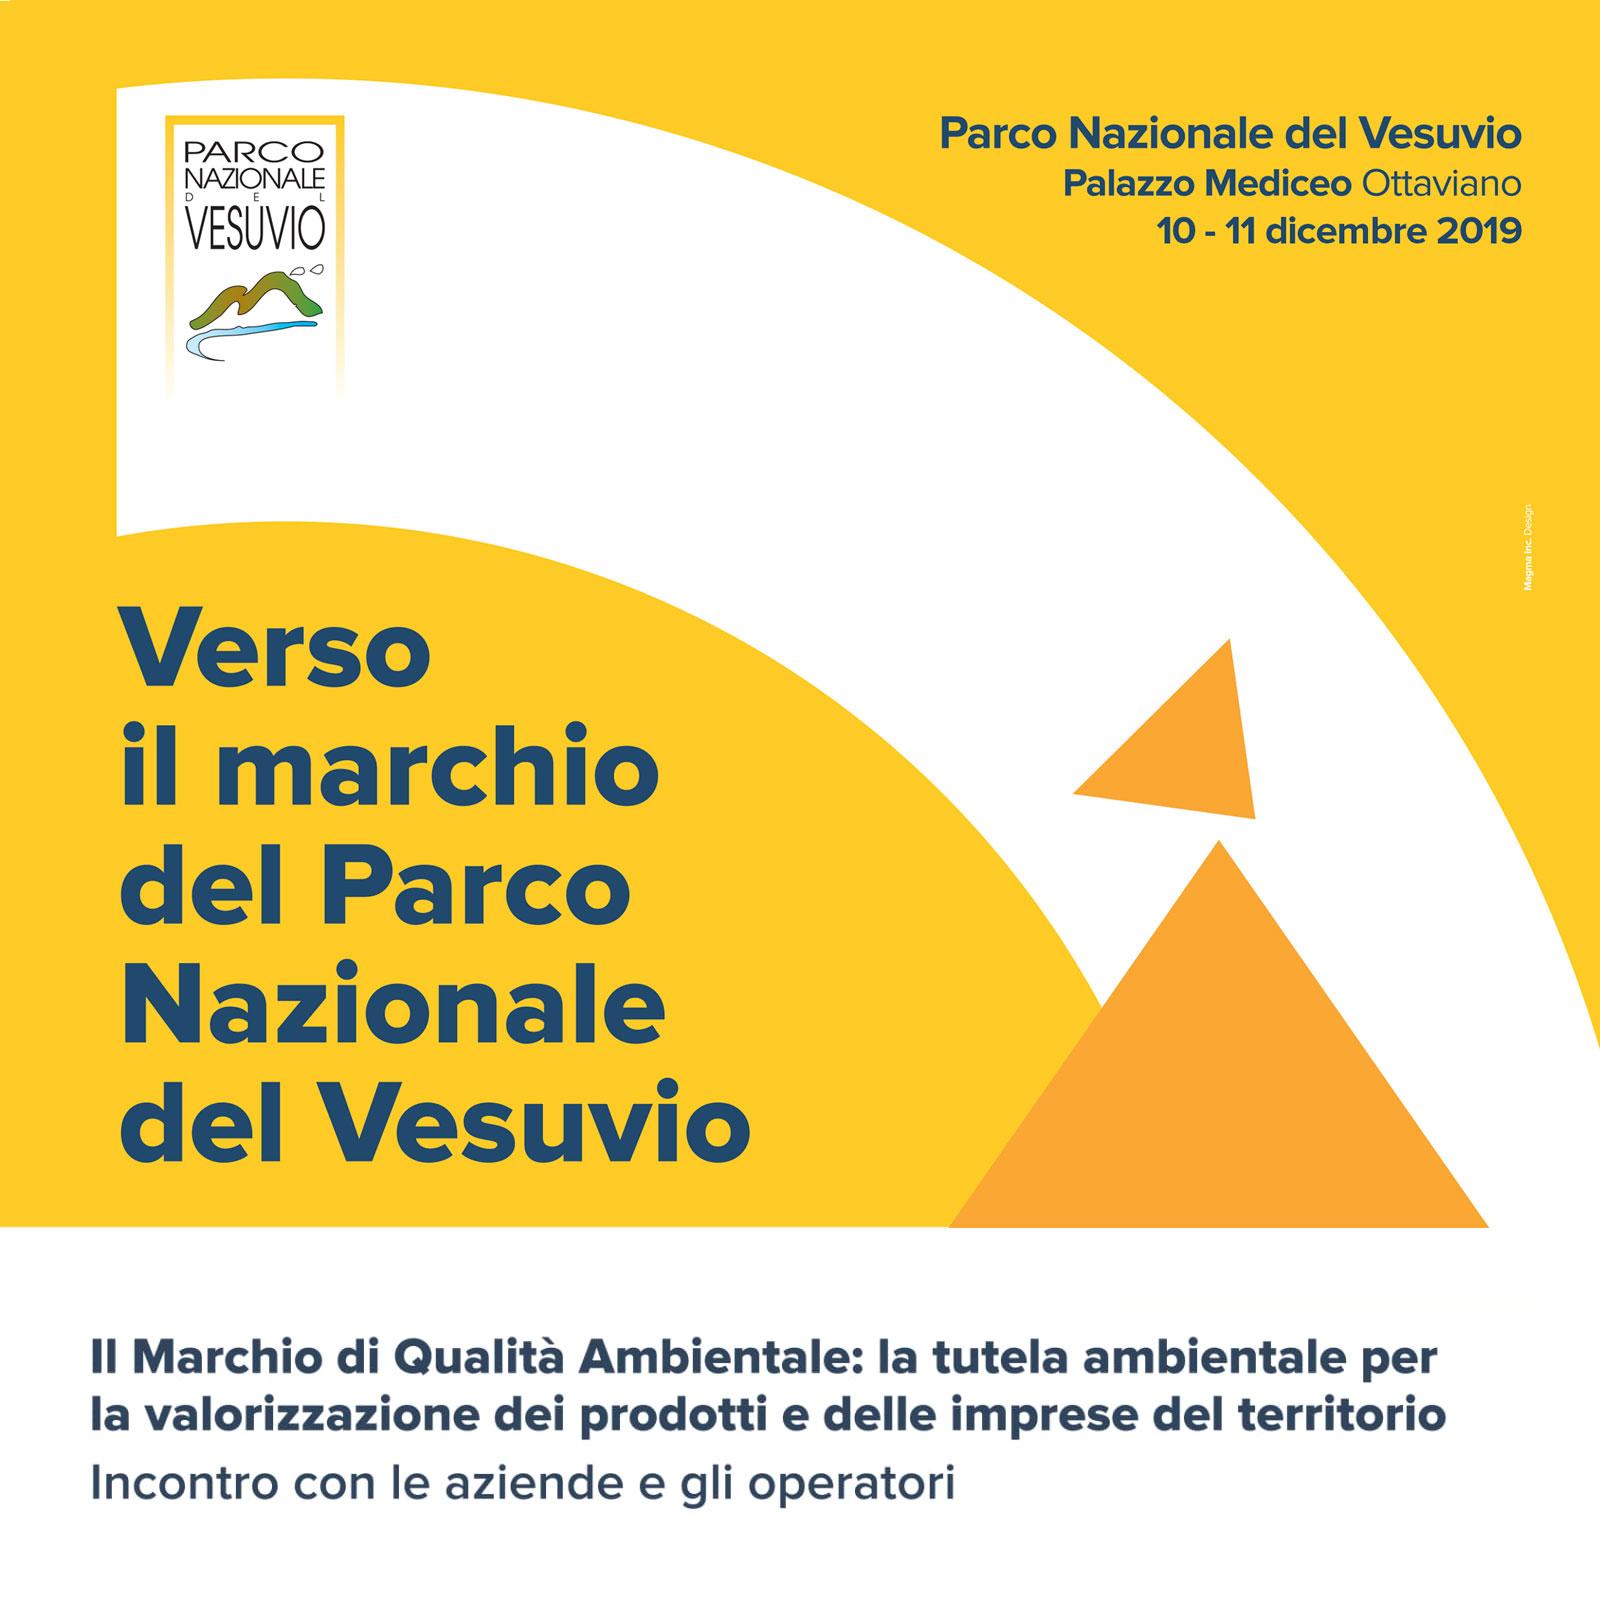 Marchio del Parco Nazionale del Vesuvio